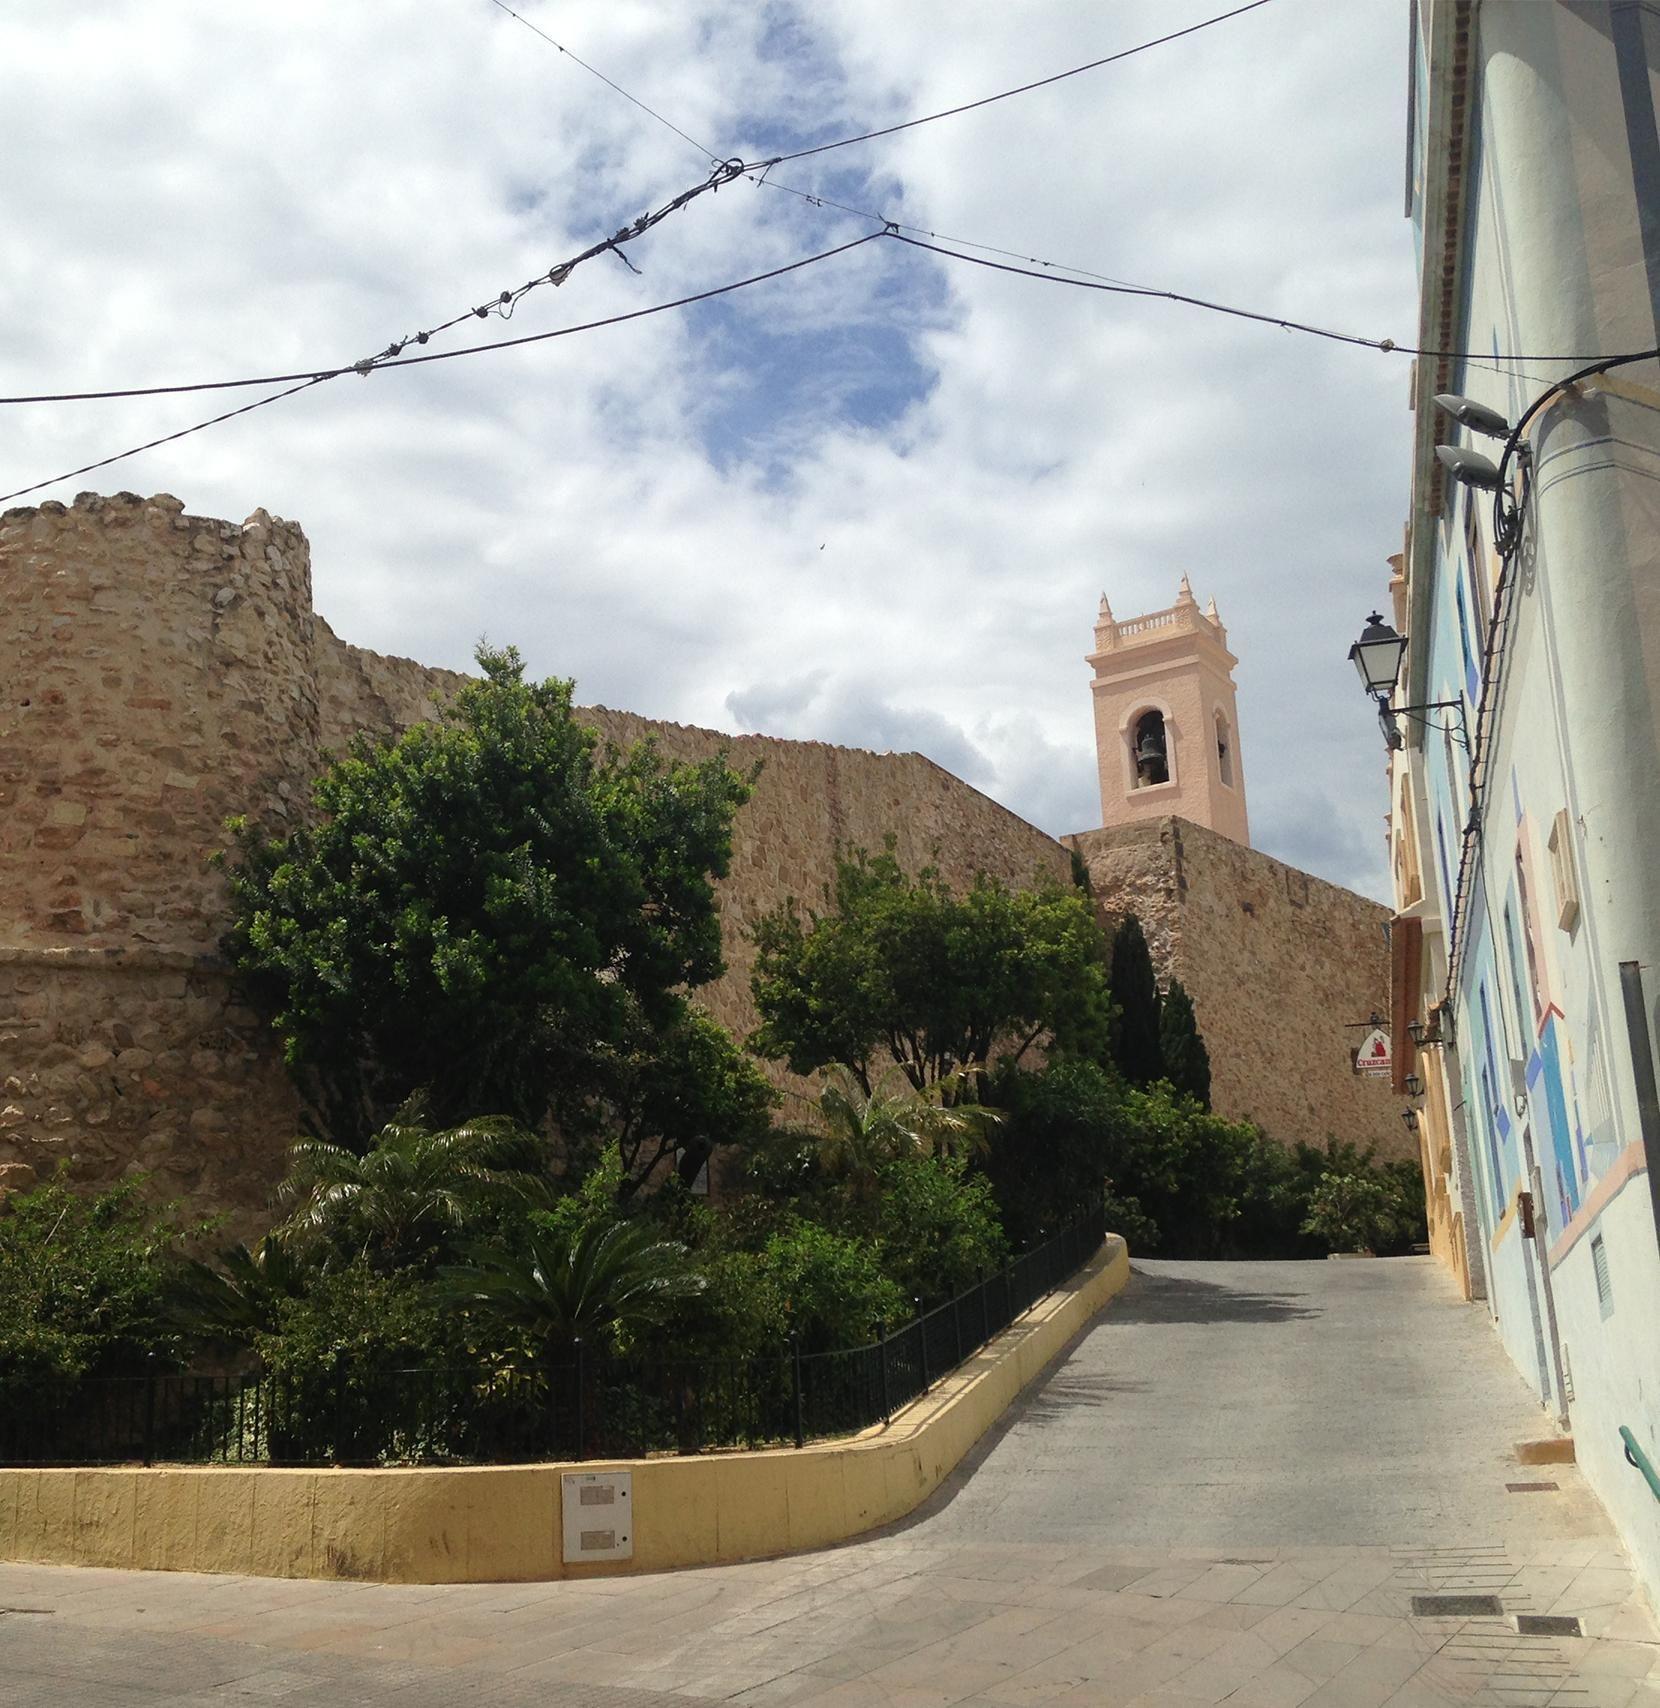 Ce torreó est un reste d'architecture militaire de la citadelle situé dans la vieille ville de #Calpe. On peut y voir également un musée à proximité et l'église. :)